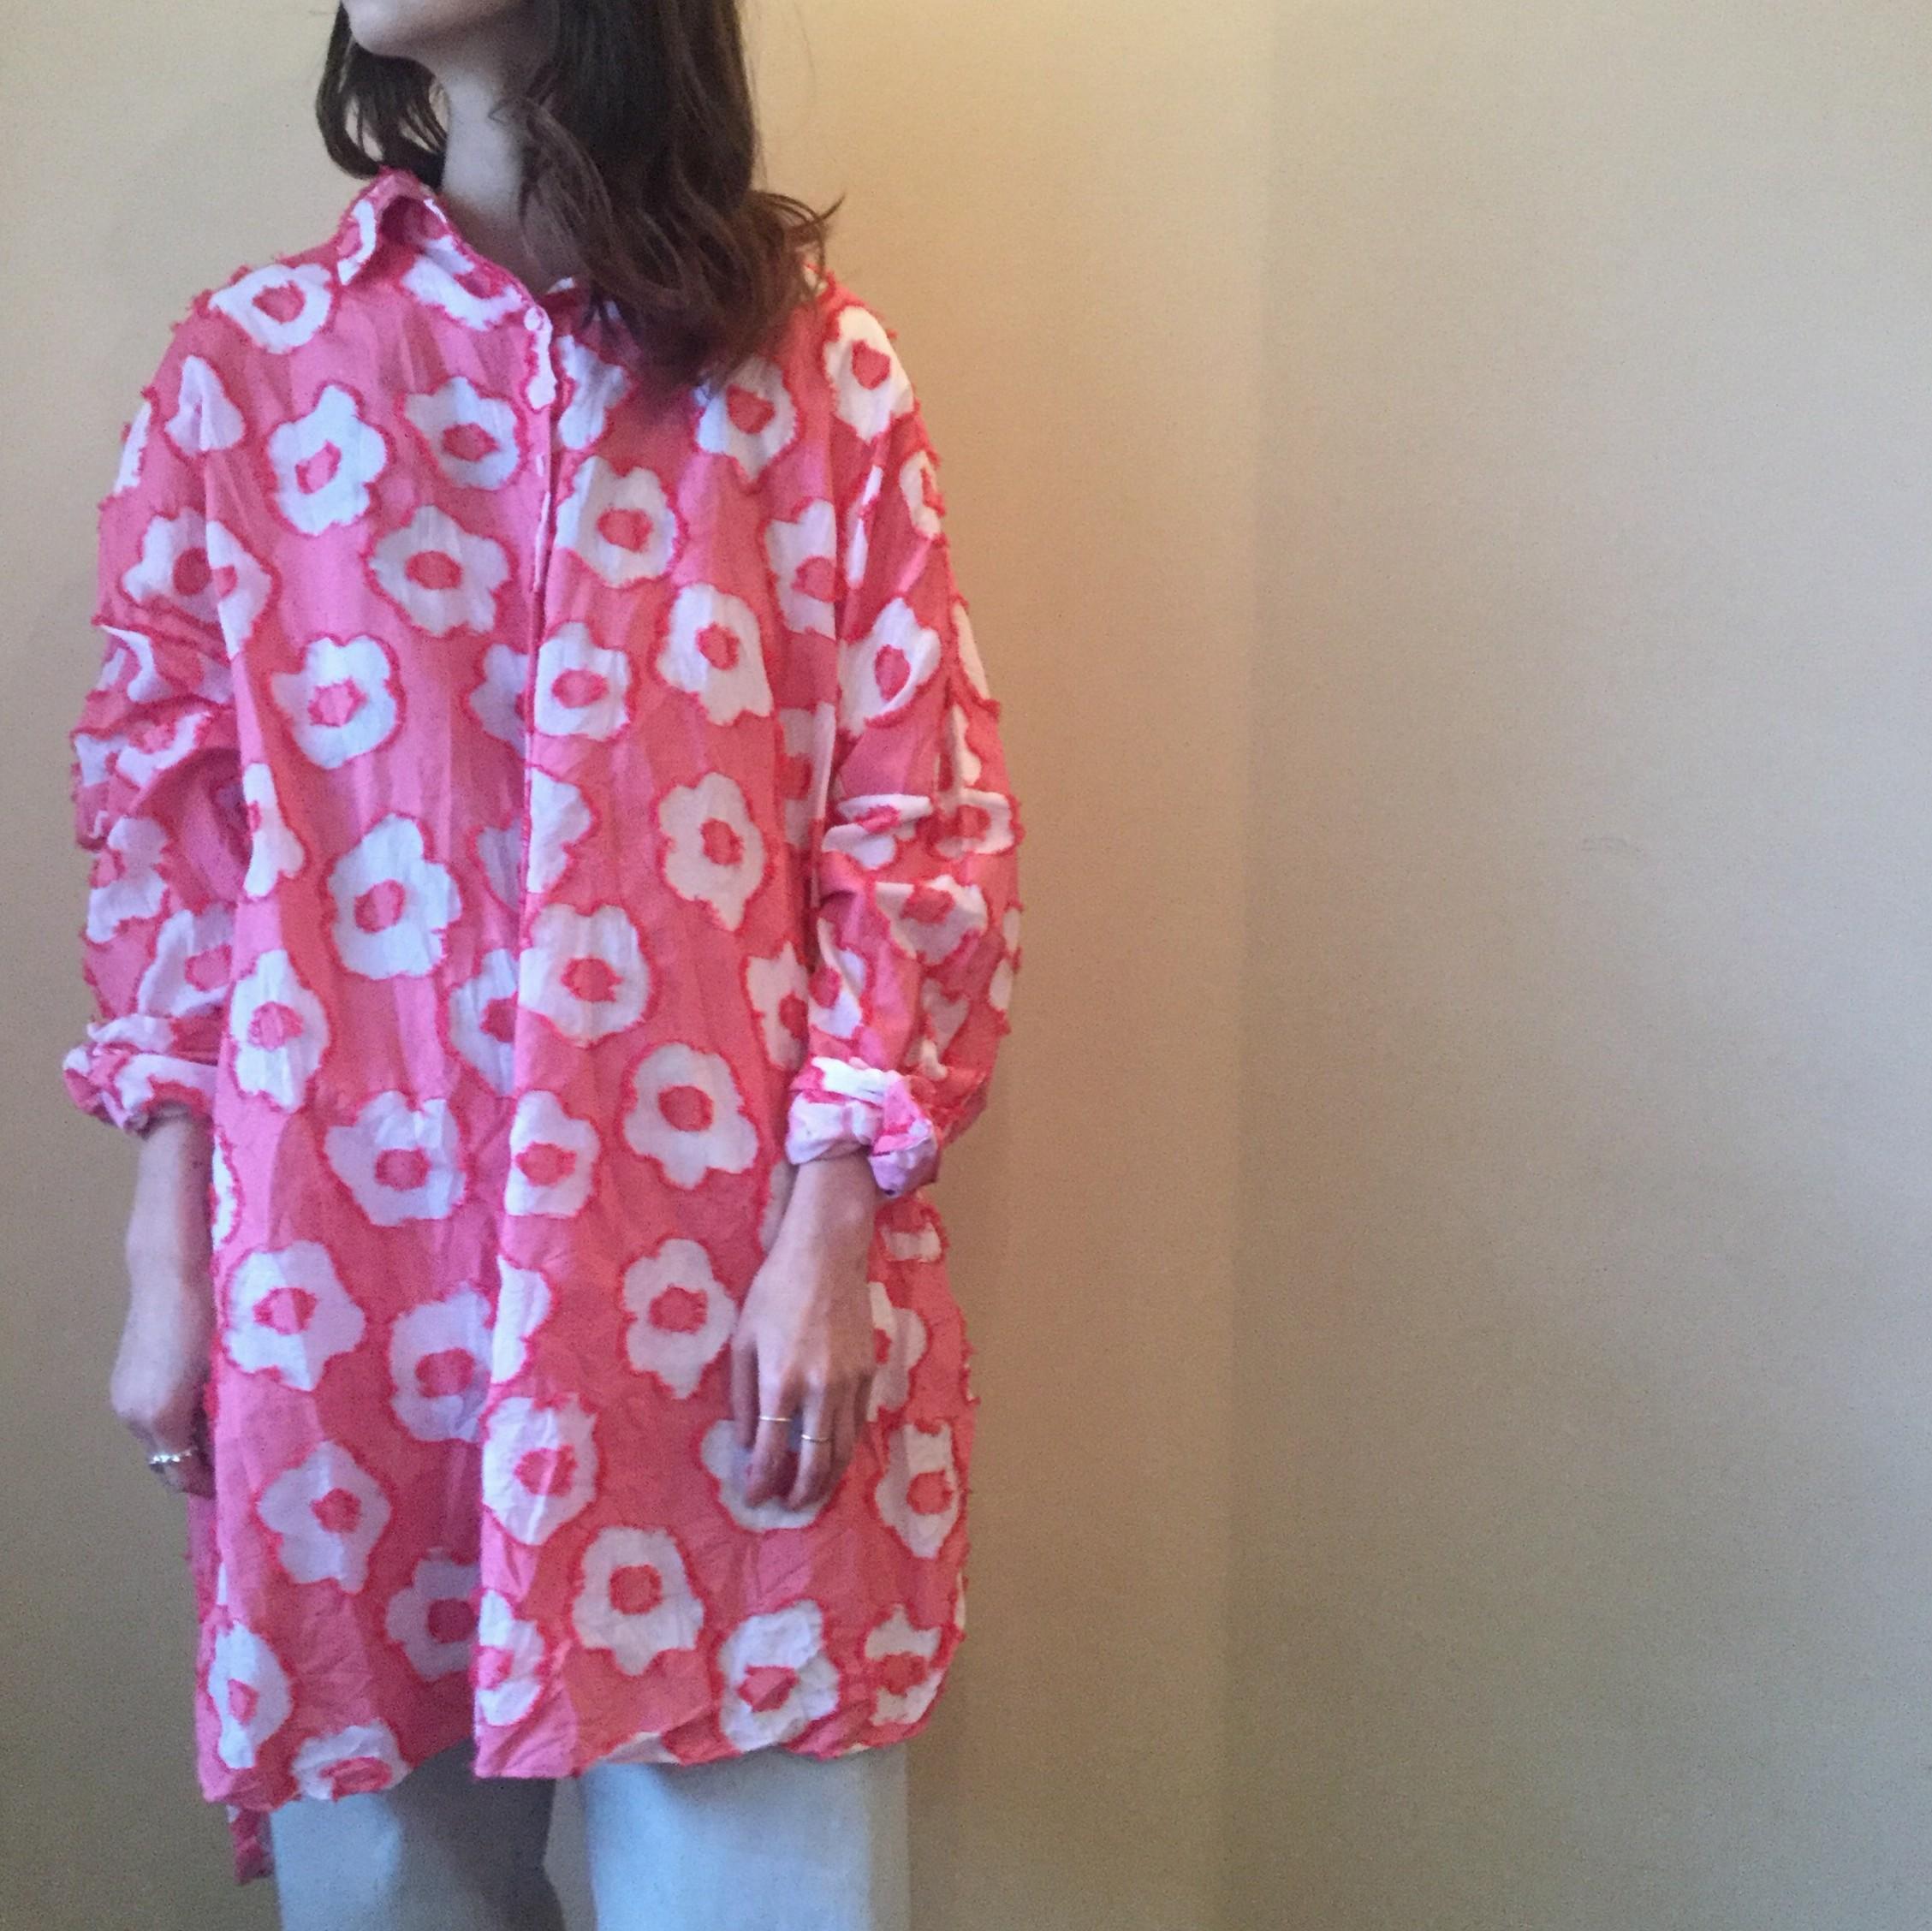 春夏caseycasey(ケーシーケーシー)のエアエイジおすすめの花柄のオーバーサイズシャツです